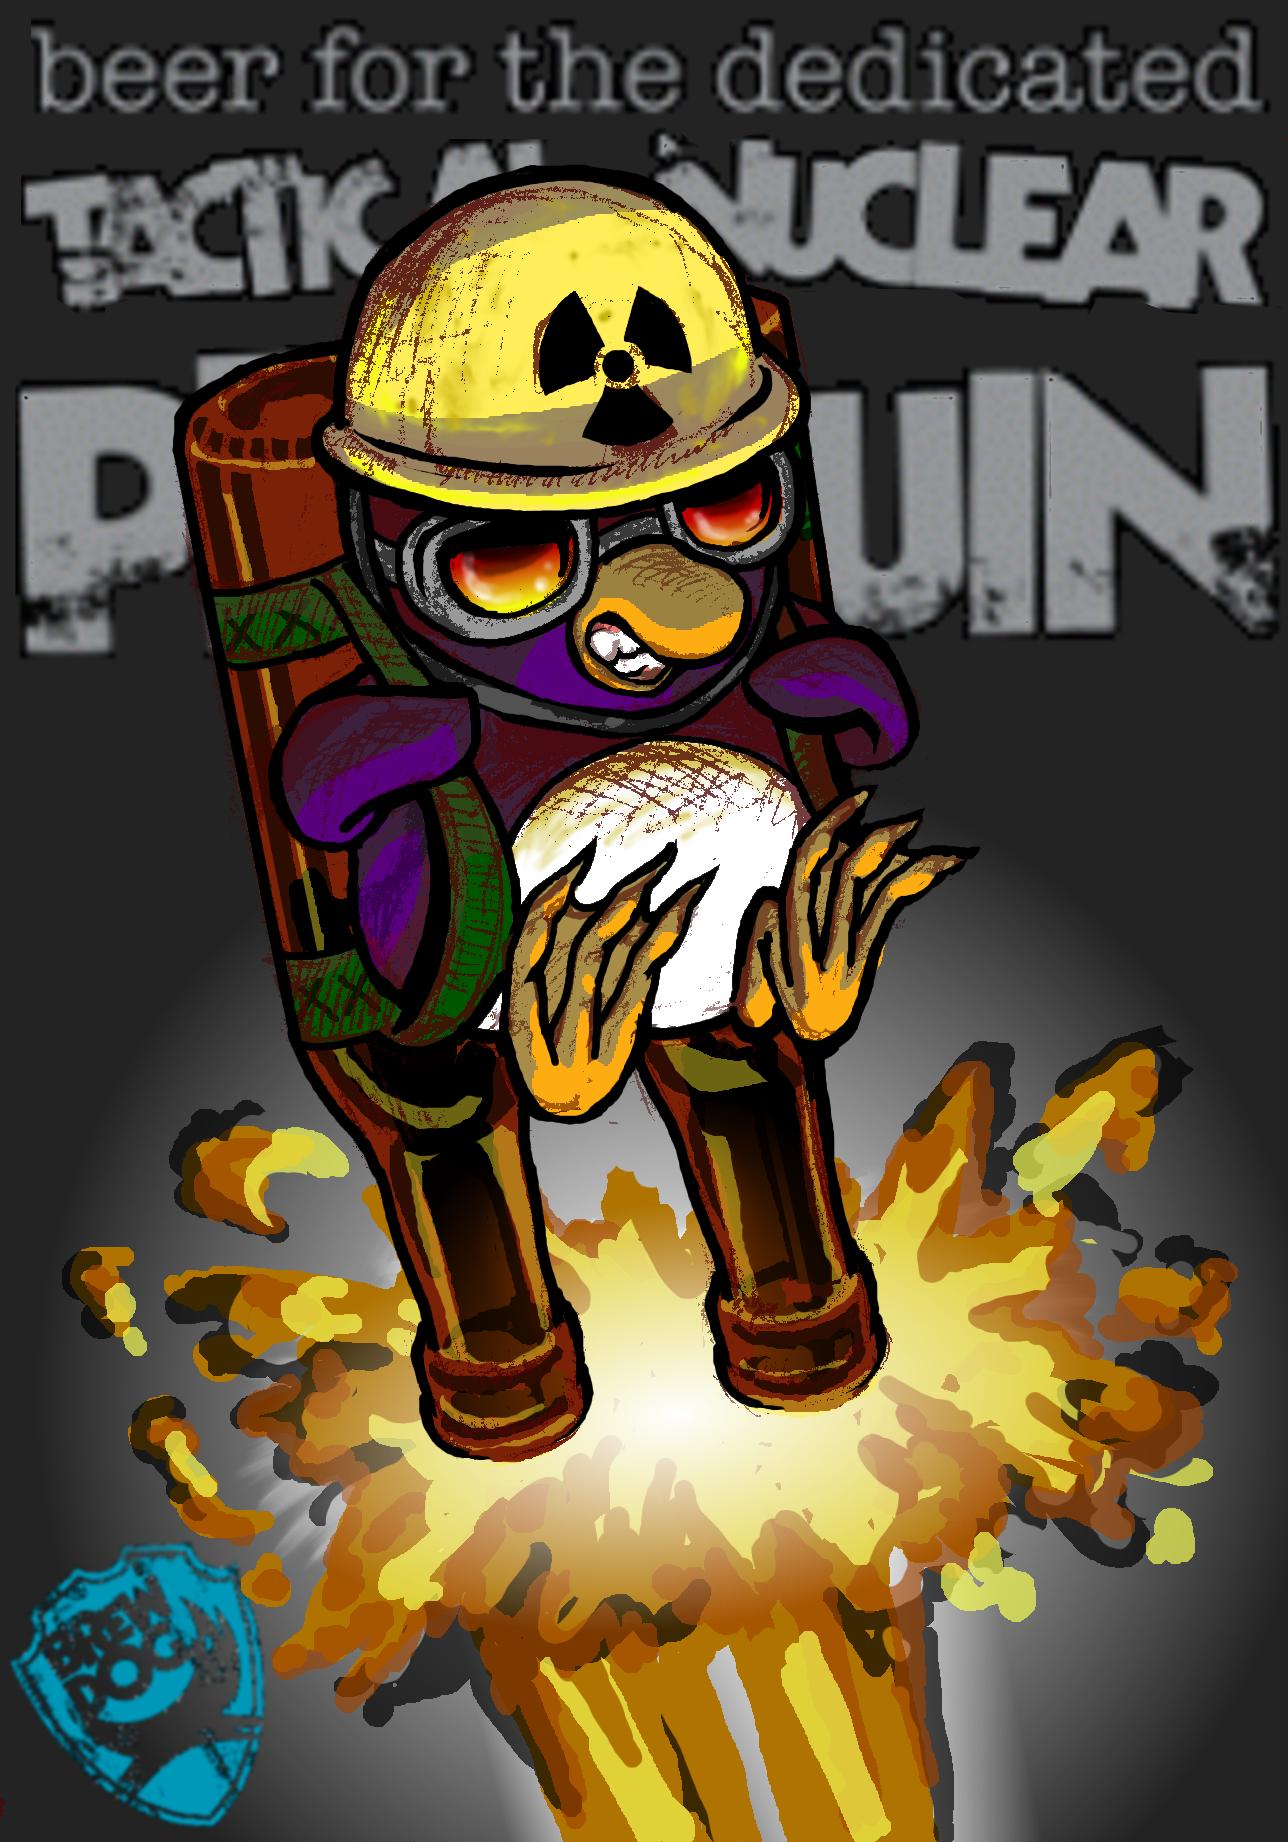 Poster design using gimp - Tnp